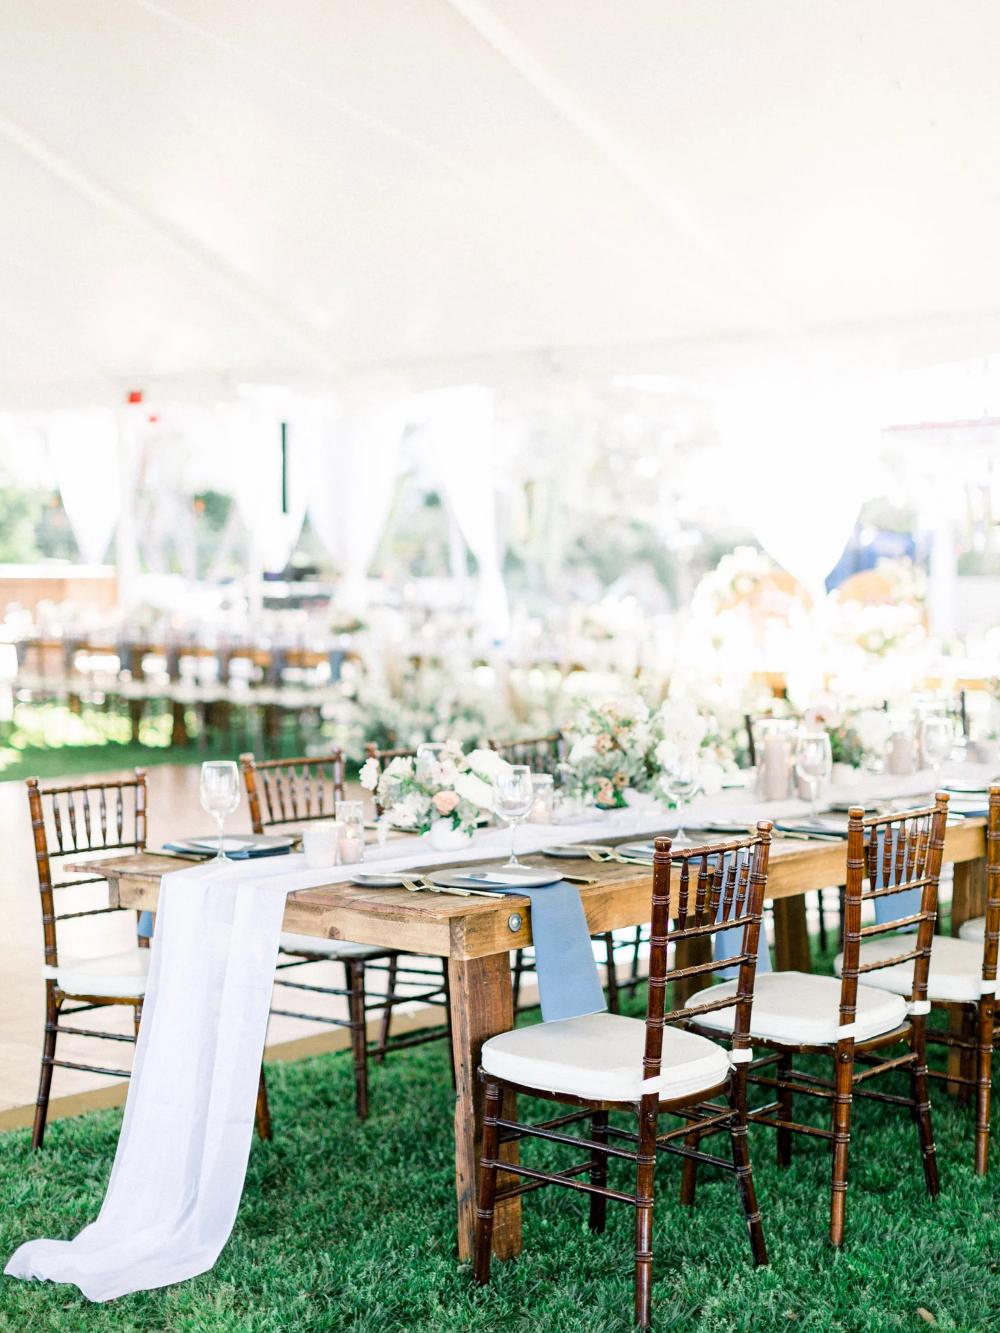 Carrie Evan Wedding Linen Rentals Wedding Table Linen Runners Chair Covers Bbj Linen Beautiful Outdoor Wedding Wedding Table Linens Outdoor Wedding